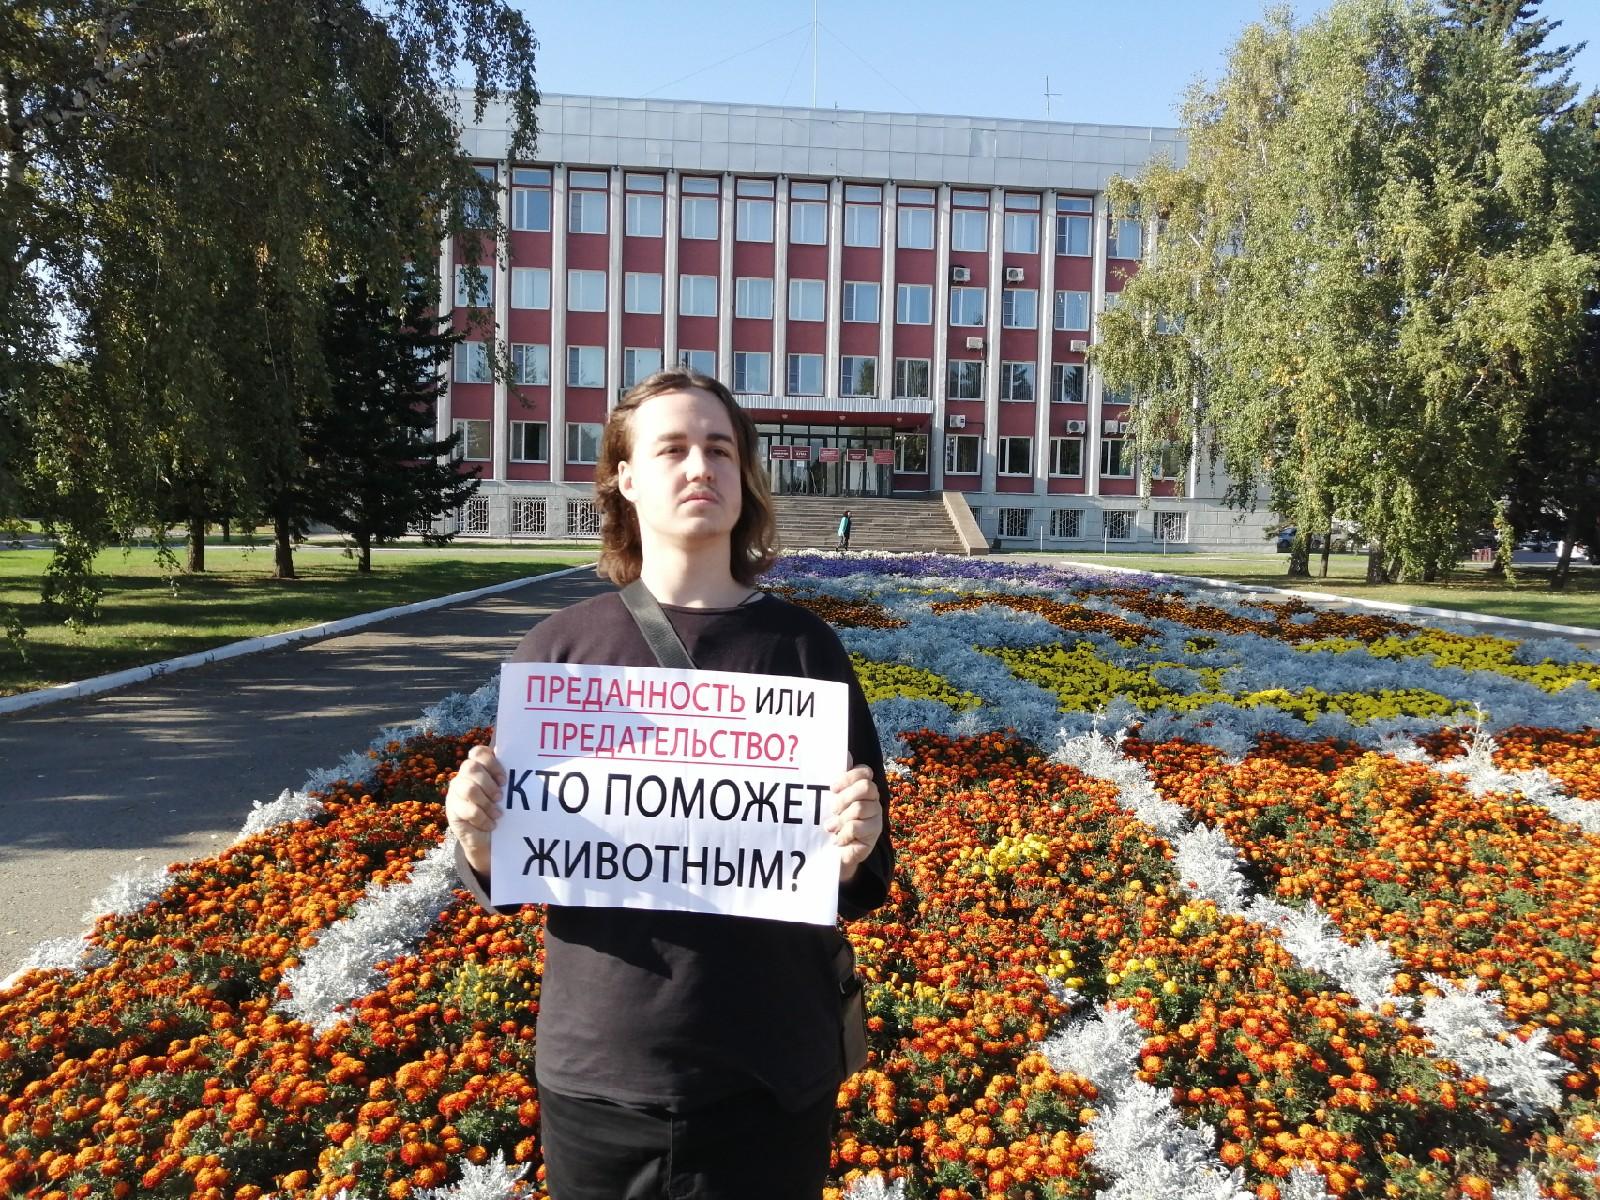 Коммунисты России просят Минюст проверить бийский приют Преданность после скандала алабаем